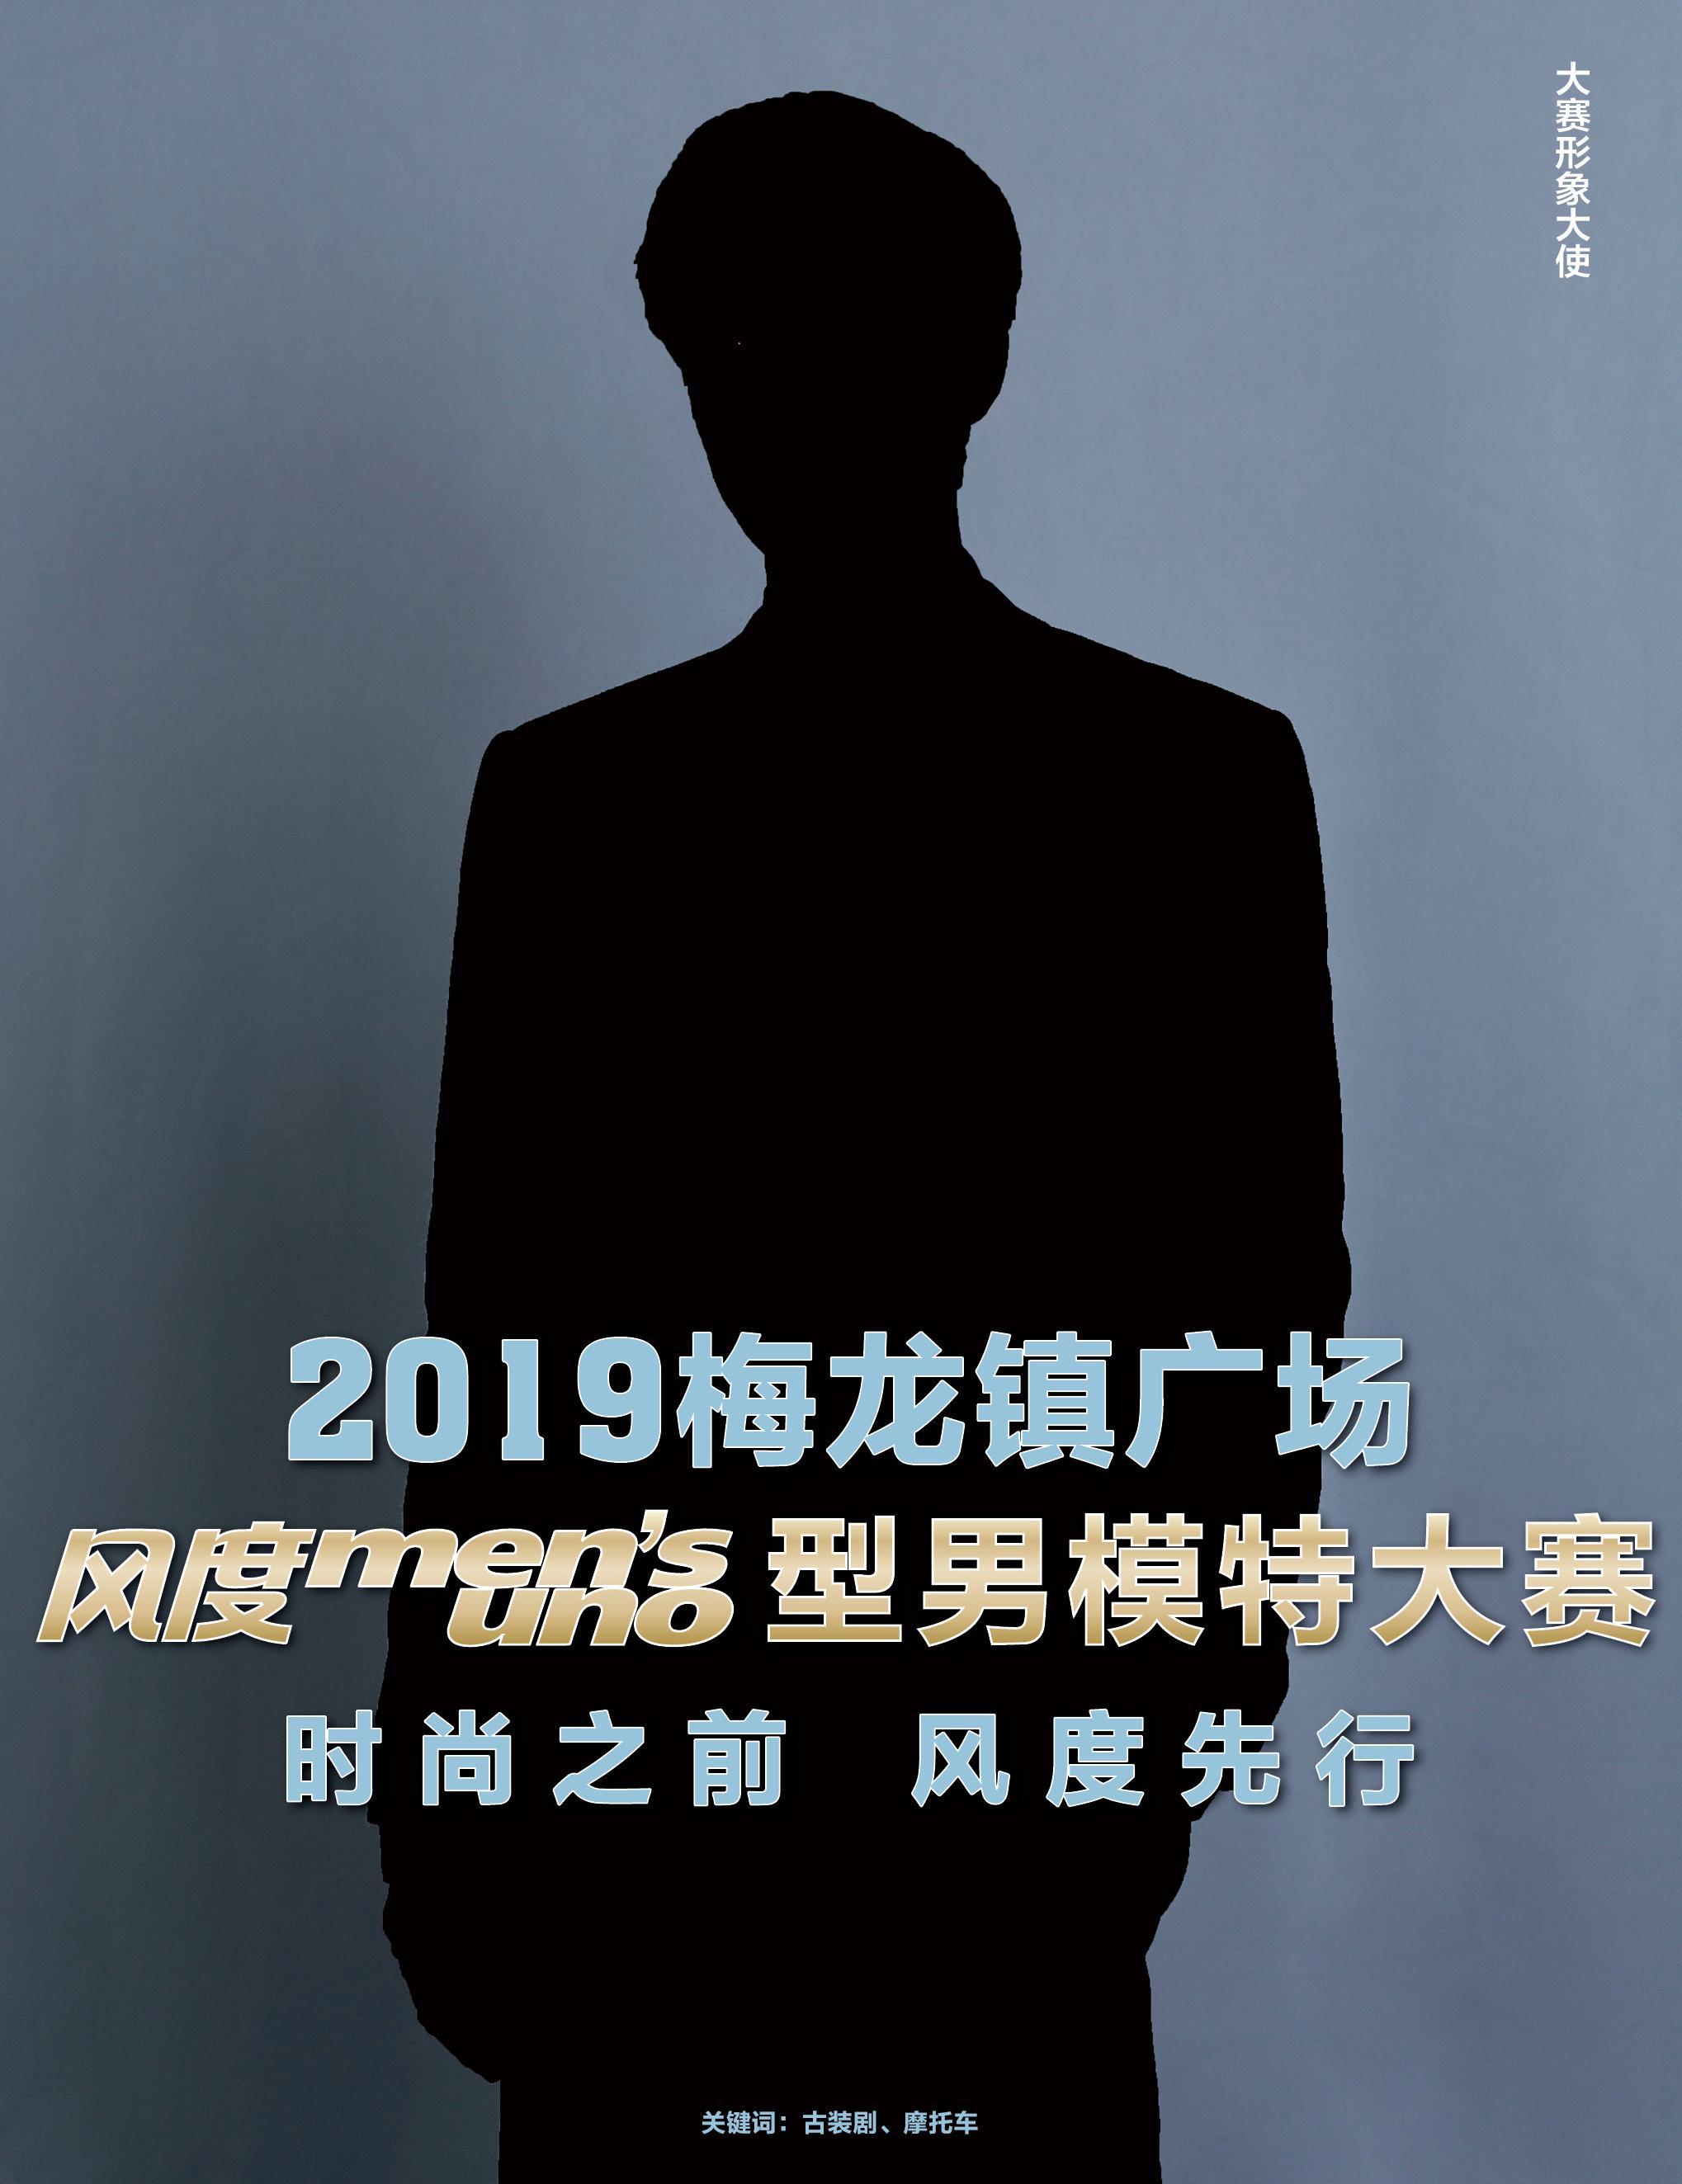 [新闻]190809 风度型男模特大赛公布形象大使剪影 王一博8月14与你相约上海!